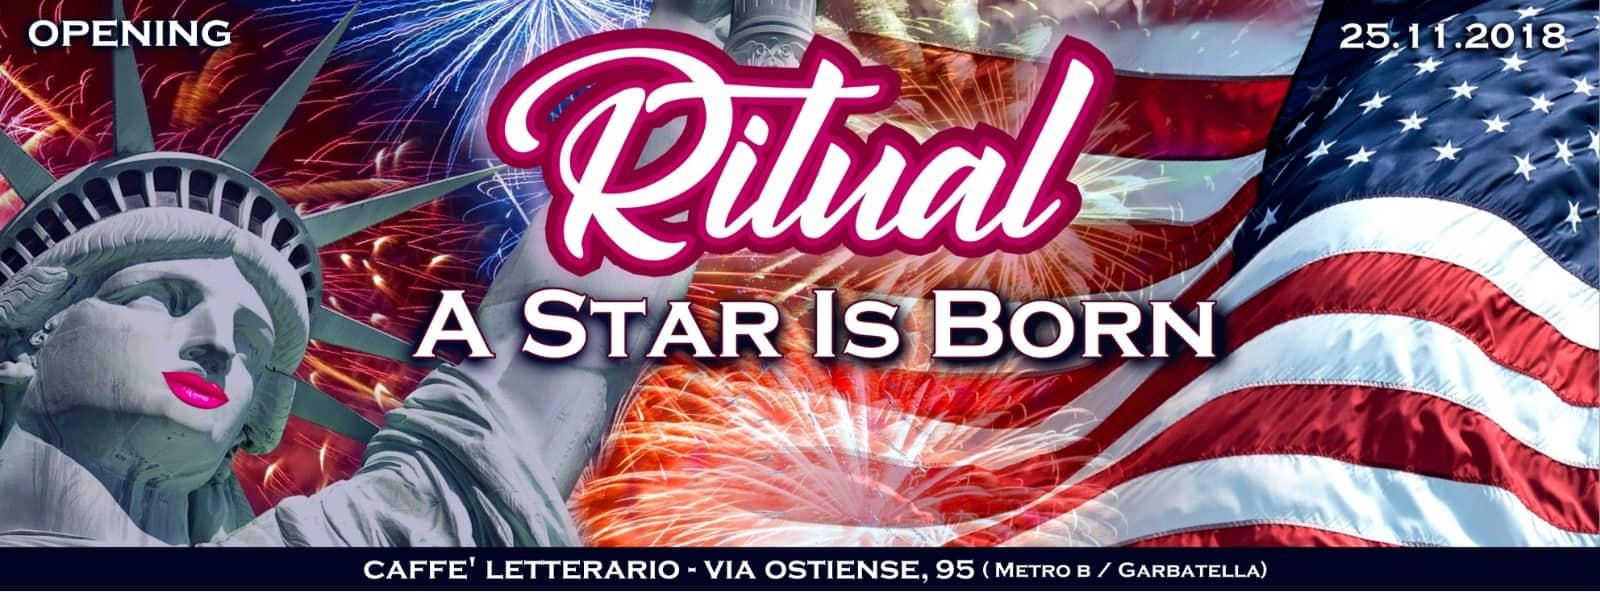 18_11_25_ritualroma